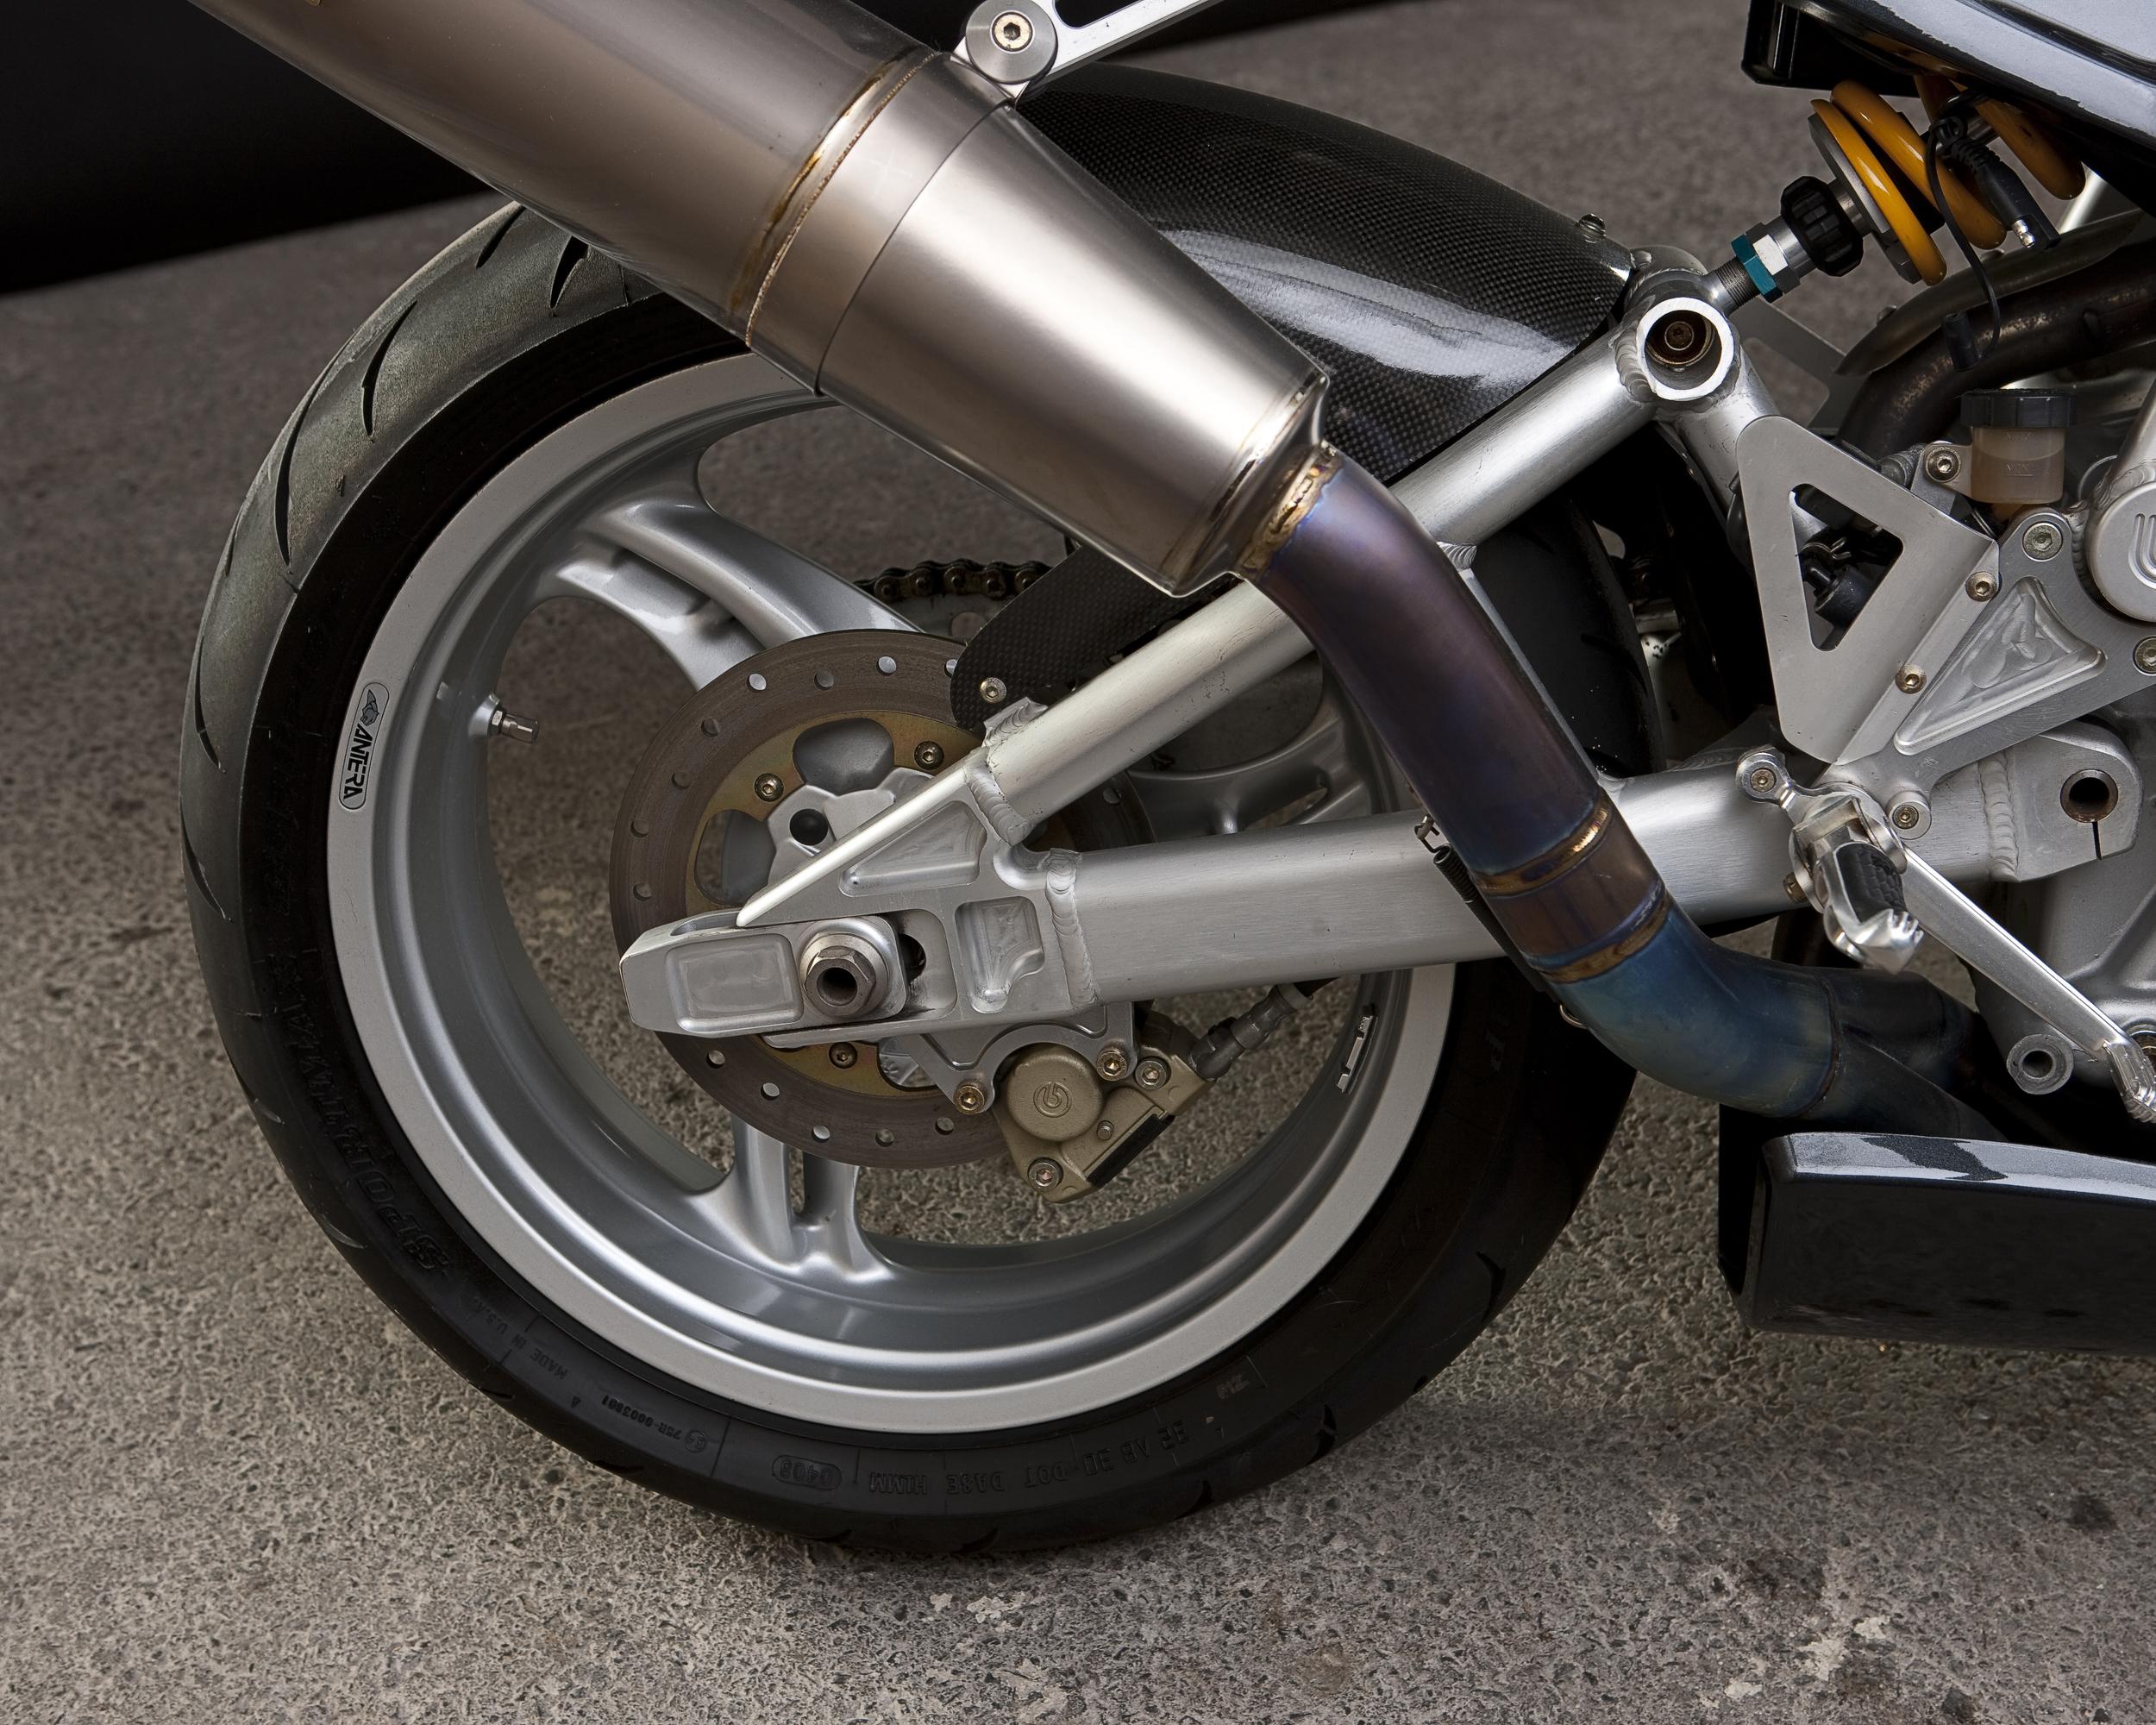 OneMotorcycle__0880.jpg